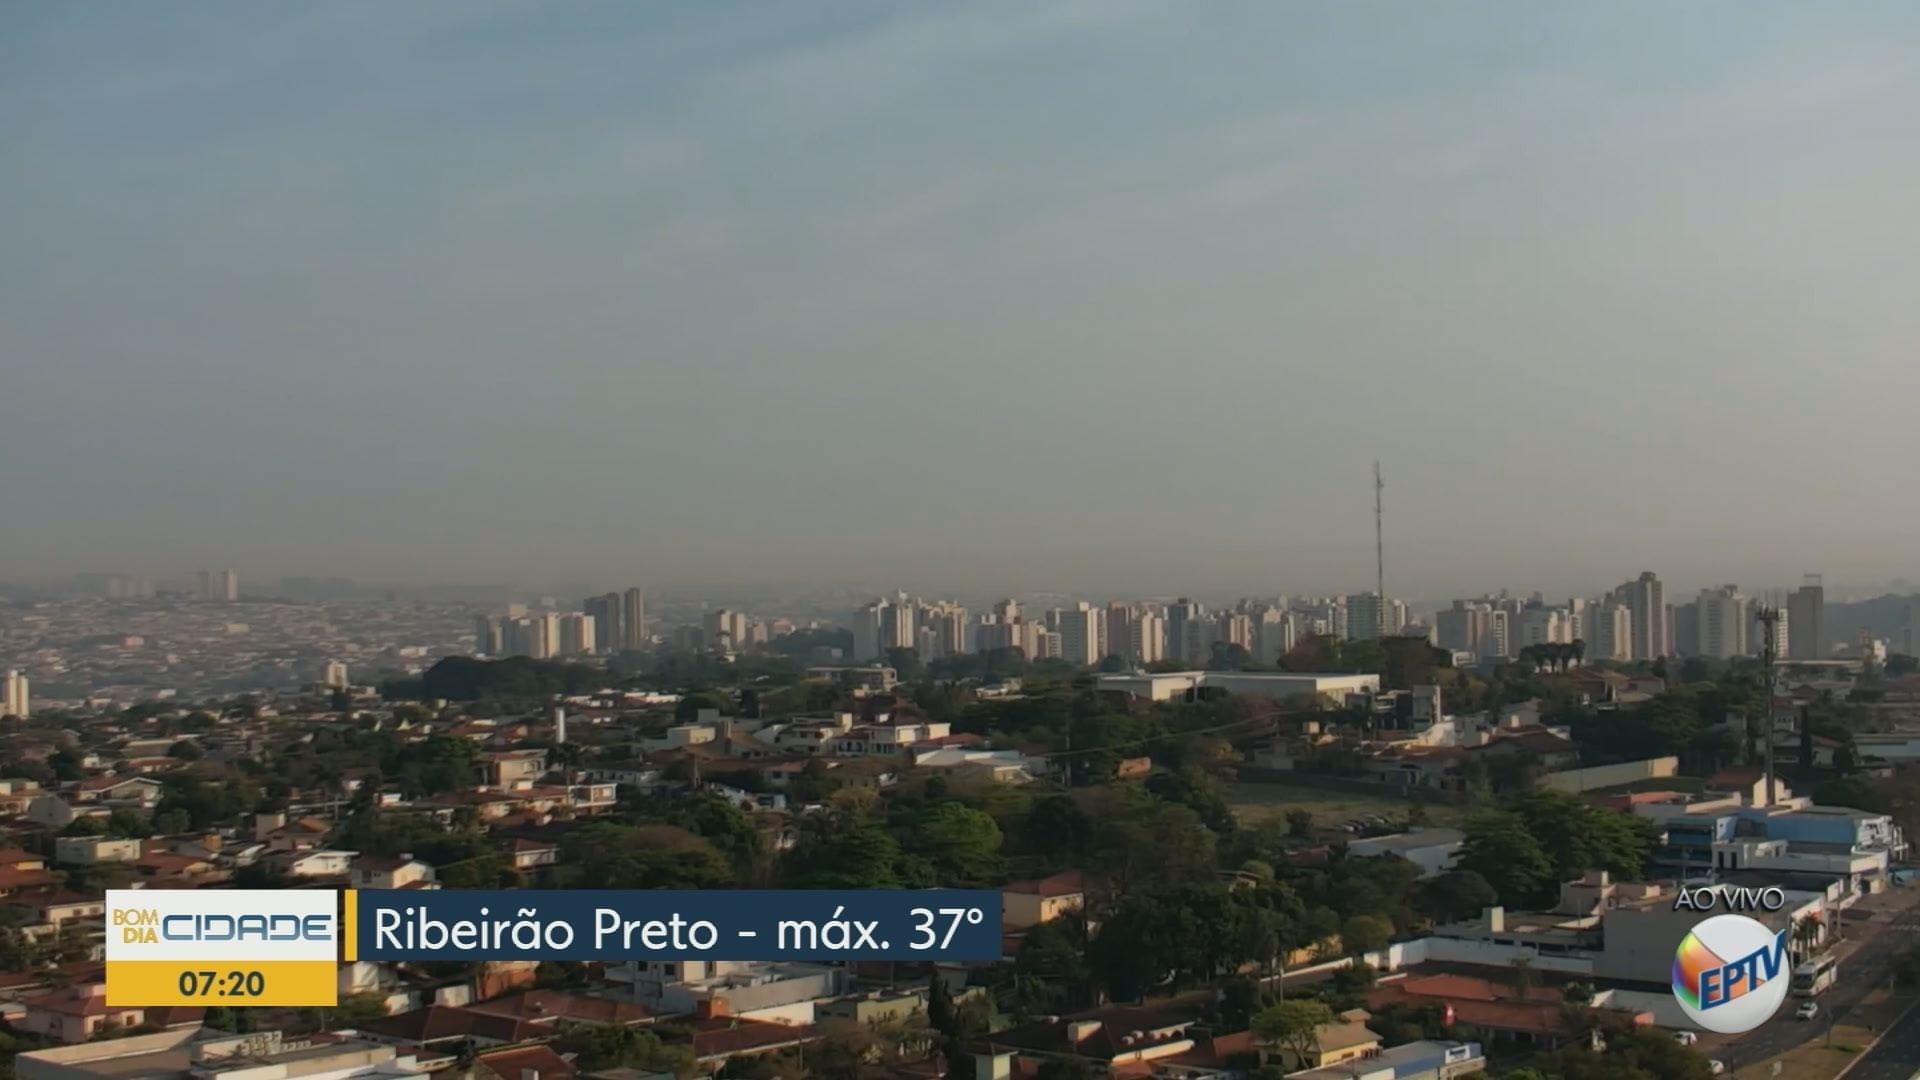 VÍDEOS: Bom Dia Cidade Ribeirão Preto de terça-feira, 17 de setembro - Notícias - Plantão Diário